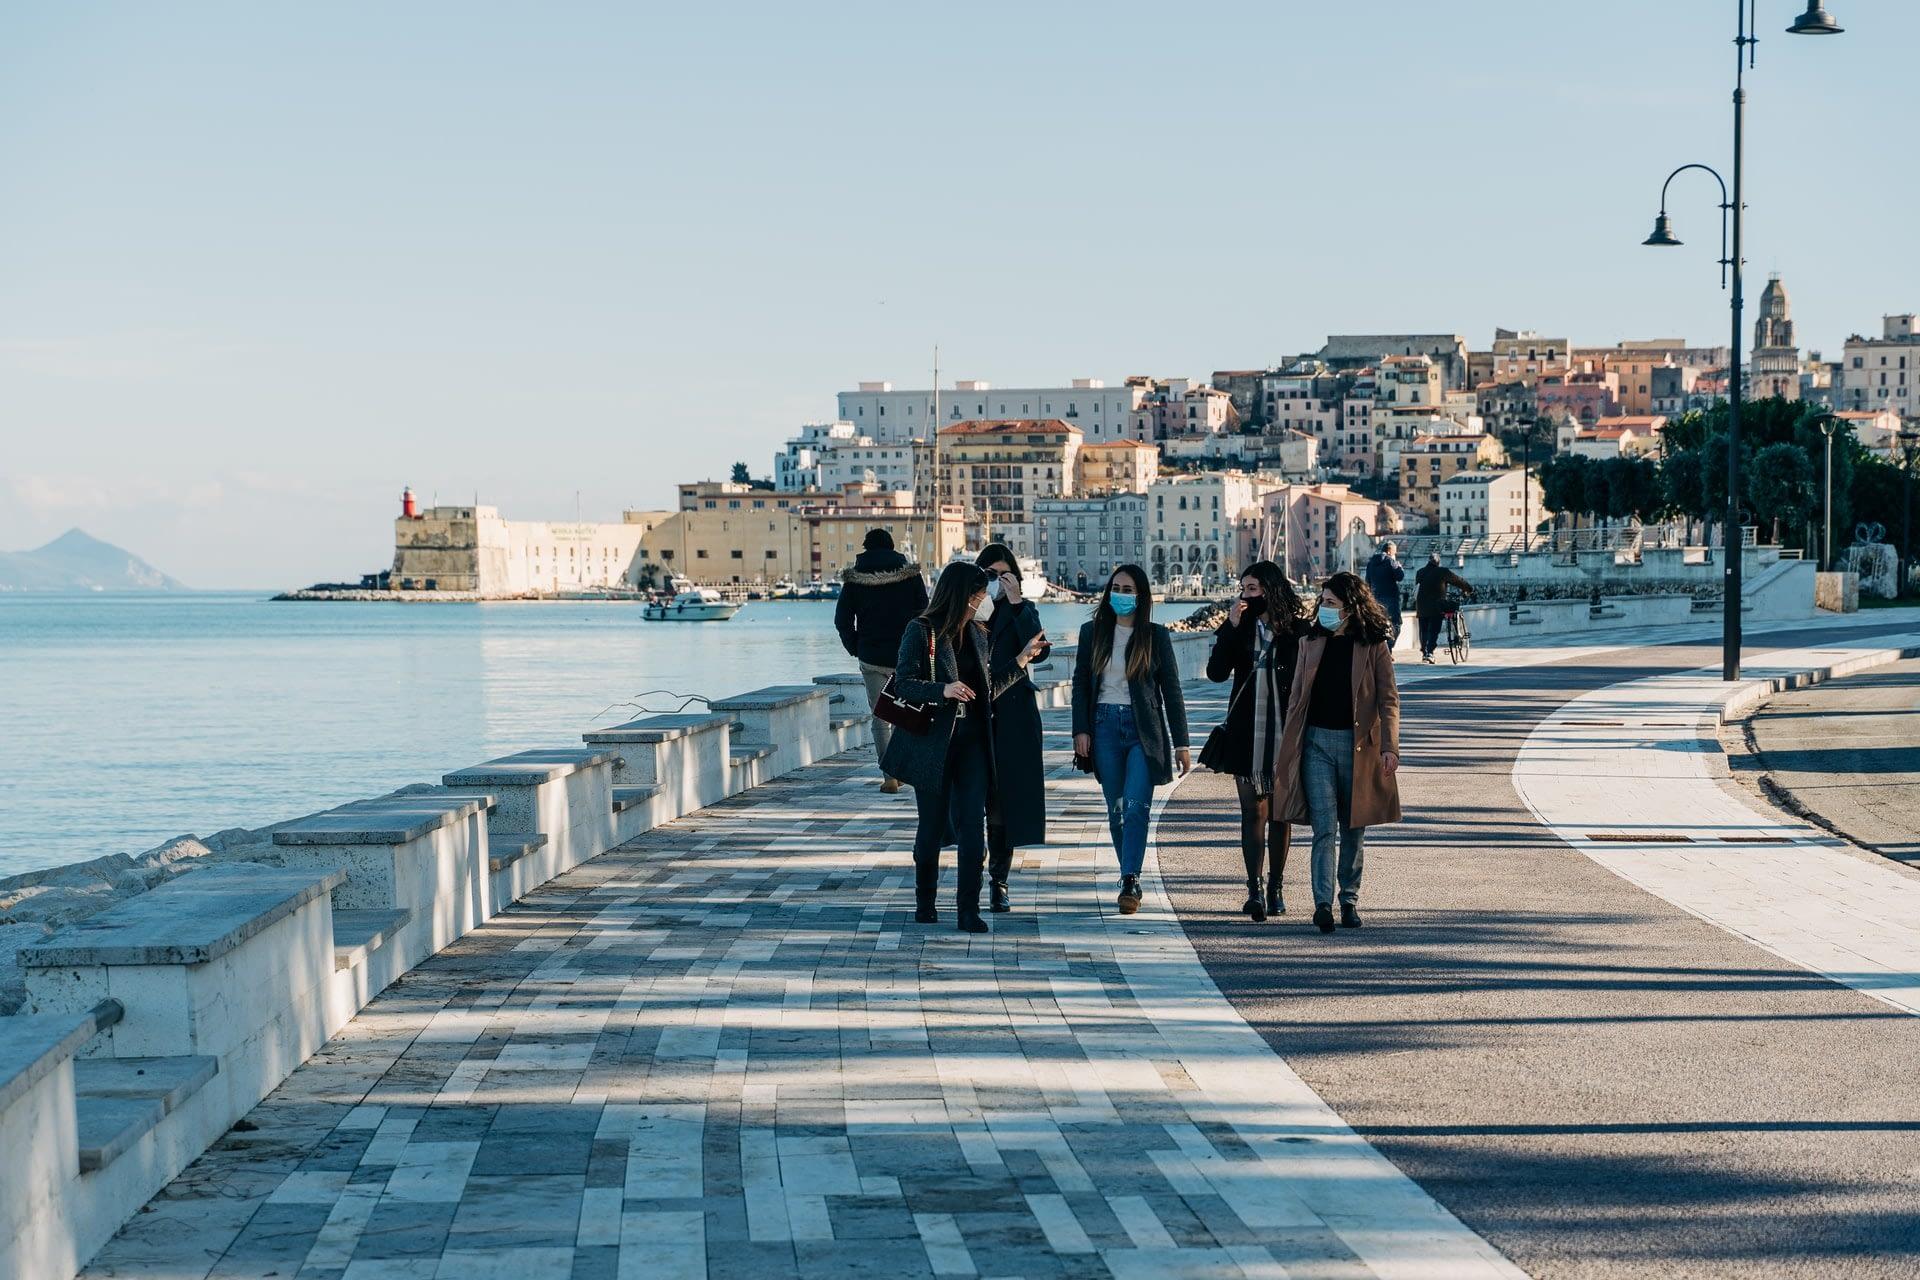 Italian Seaside Resort Gaeta Seafront Promenade during Covid